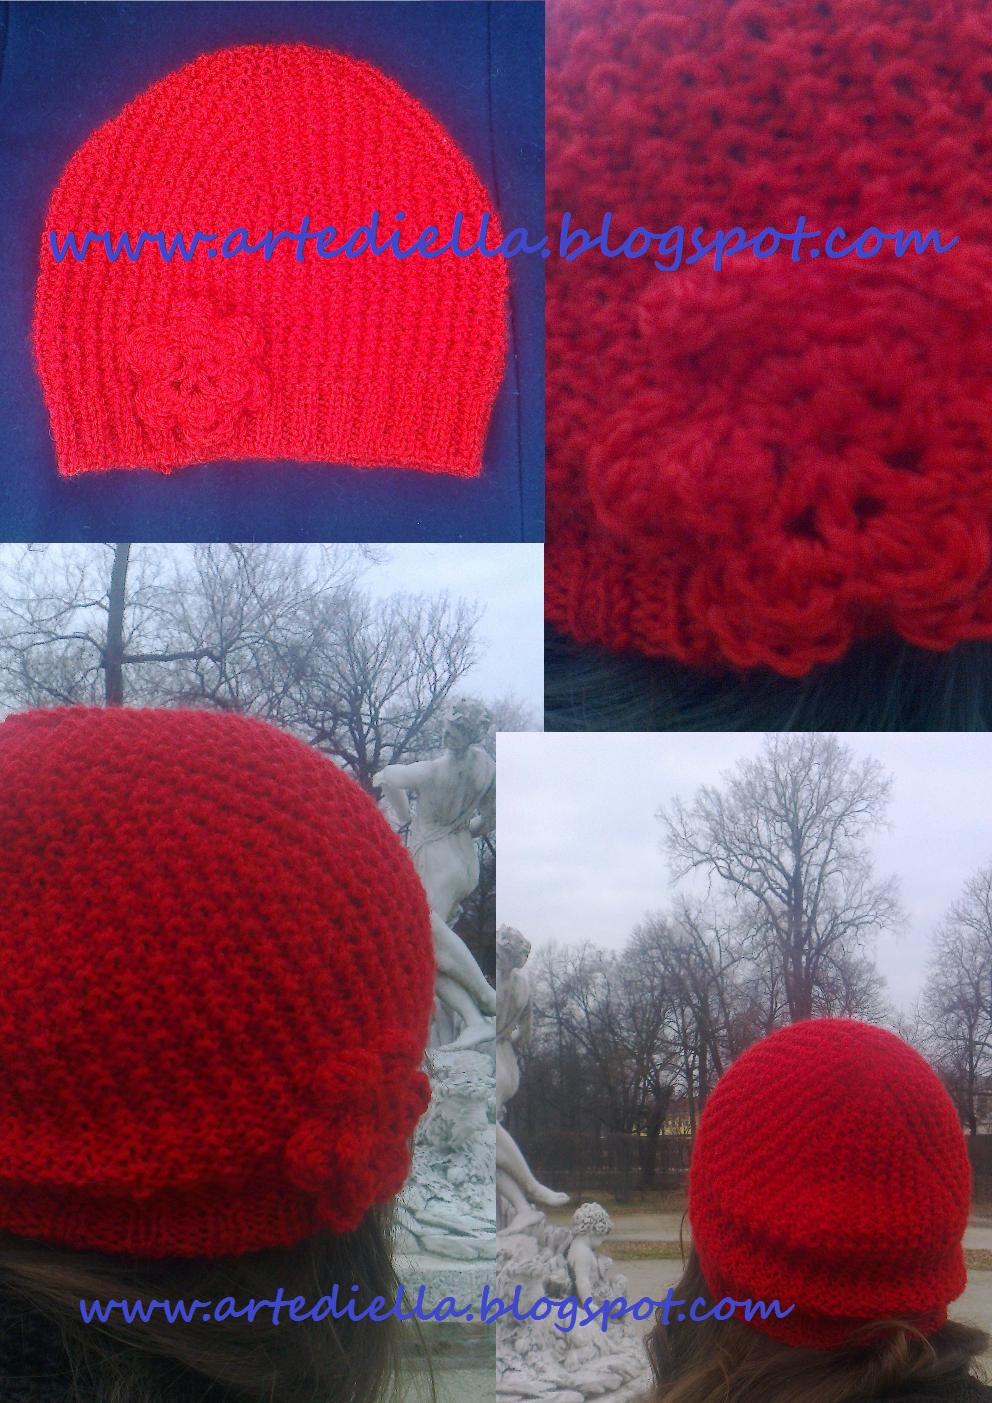 Le fragole di stoffa schema modello cappello di lana a i - Fiore collegare i punti ...